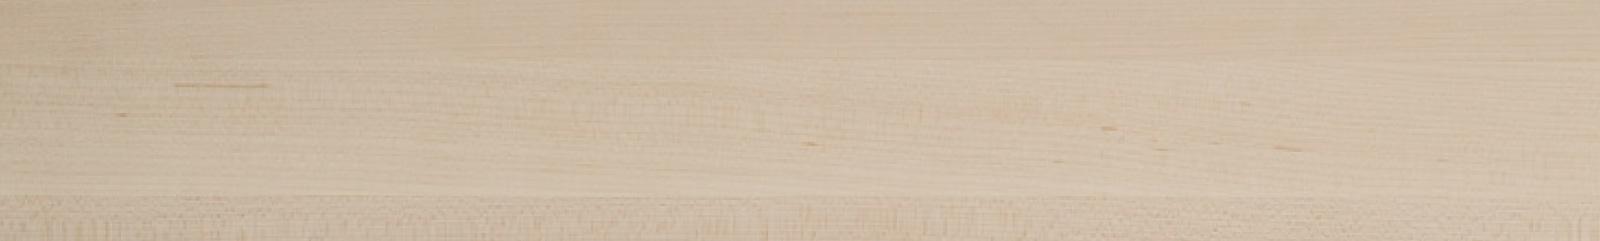 PIEZA LAMINADA EN CUARTOS - Componentes para mangos de guitarra - Champeau La excelencia en madera dura